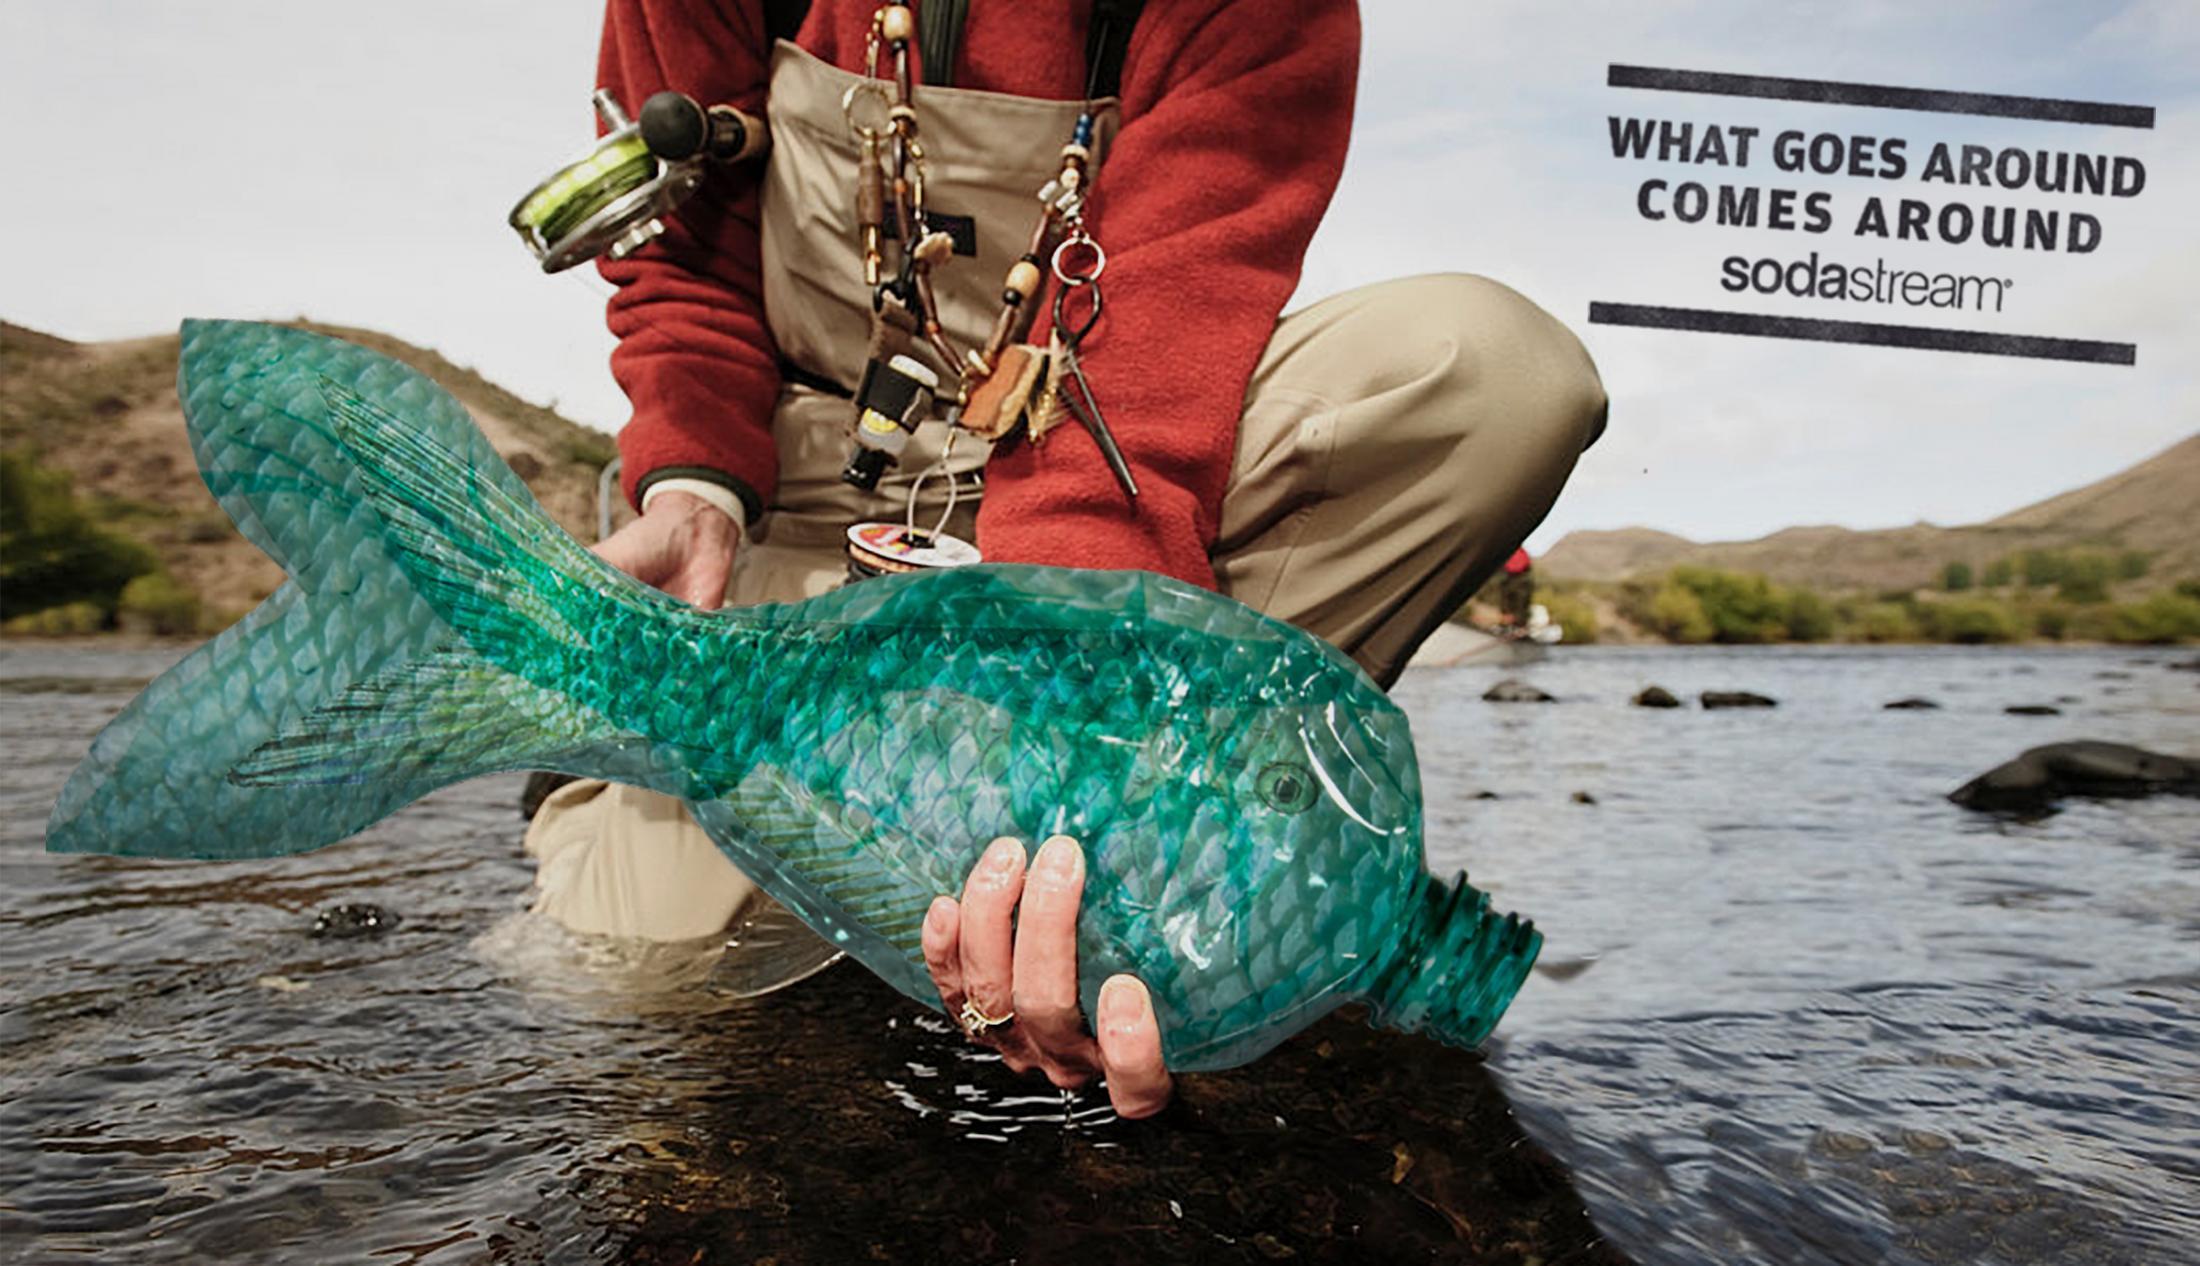 SodaStream Print Ad - Plastic Catch